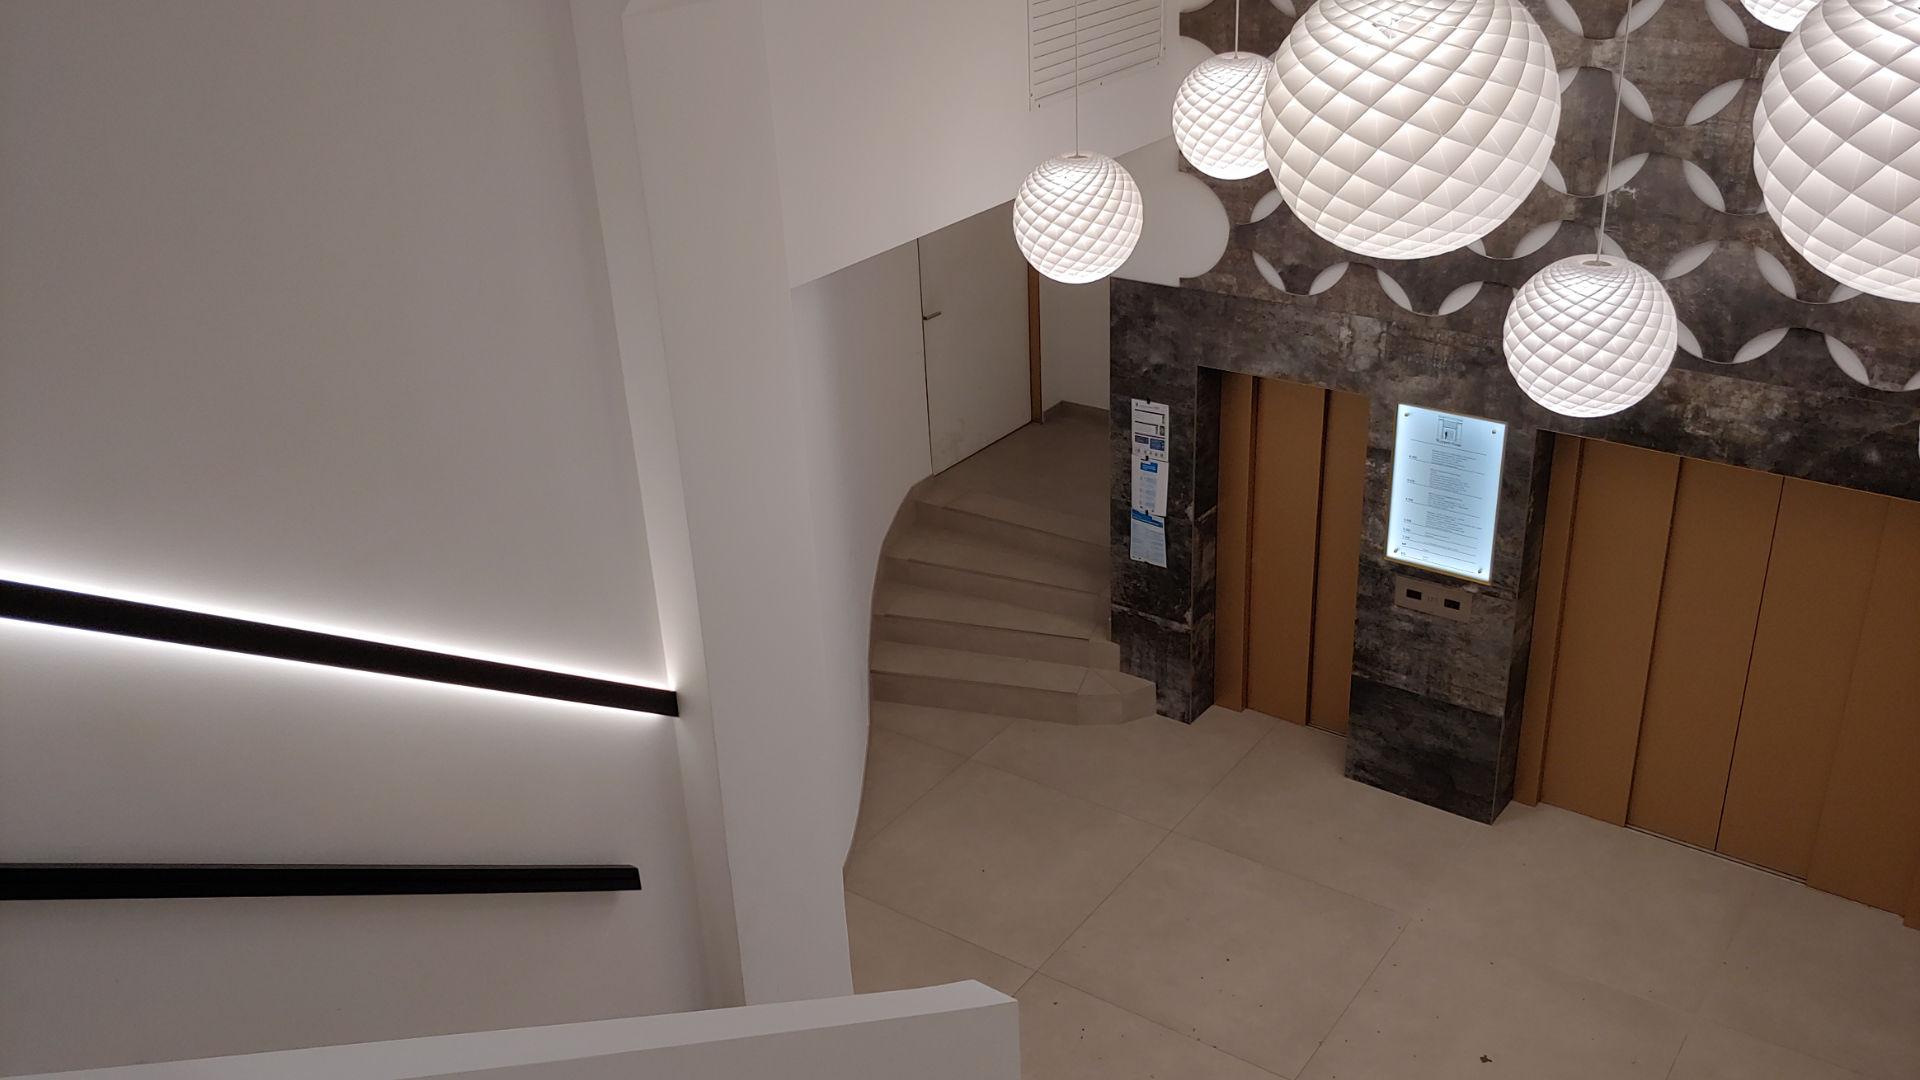 MAASS-Lichtplanung_Foyerbeleuchtung Rappolt Haus__MAASS-Moenkebergstrasse11-002